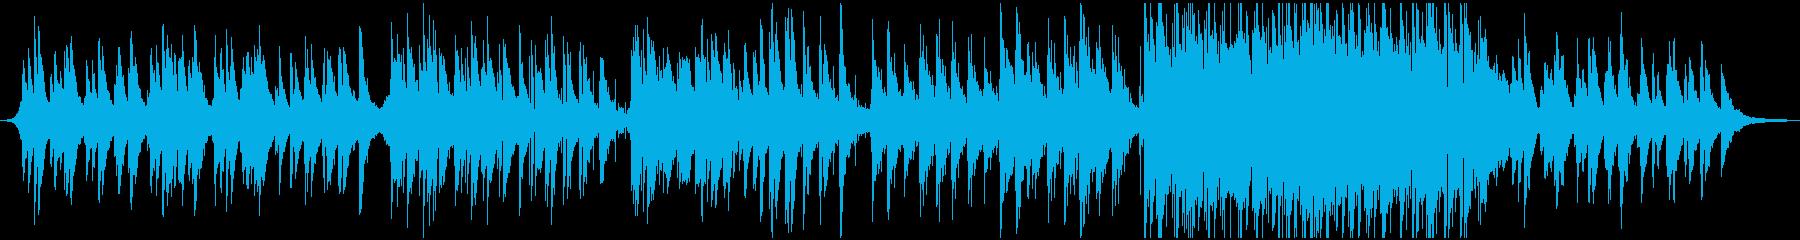 ピアノを主体としたシンプルなED向け楽曲の再生済みの波形